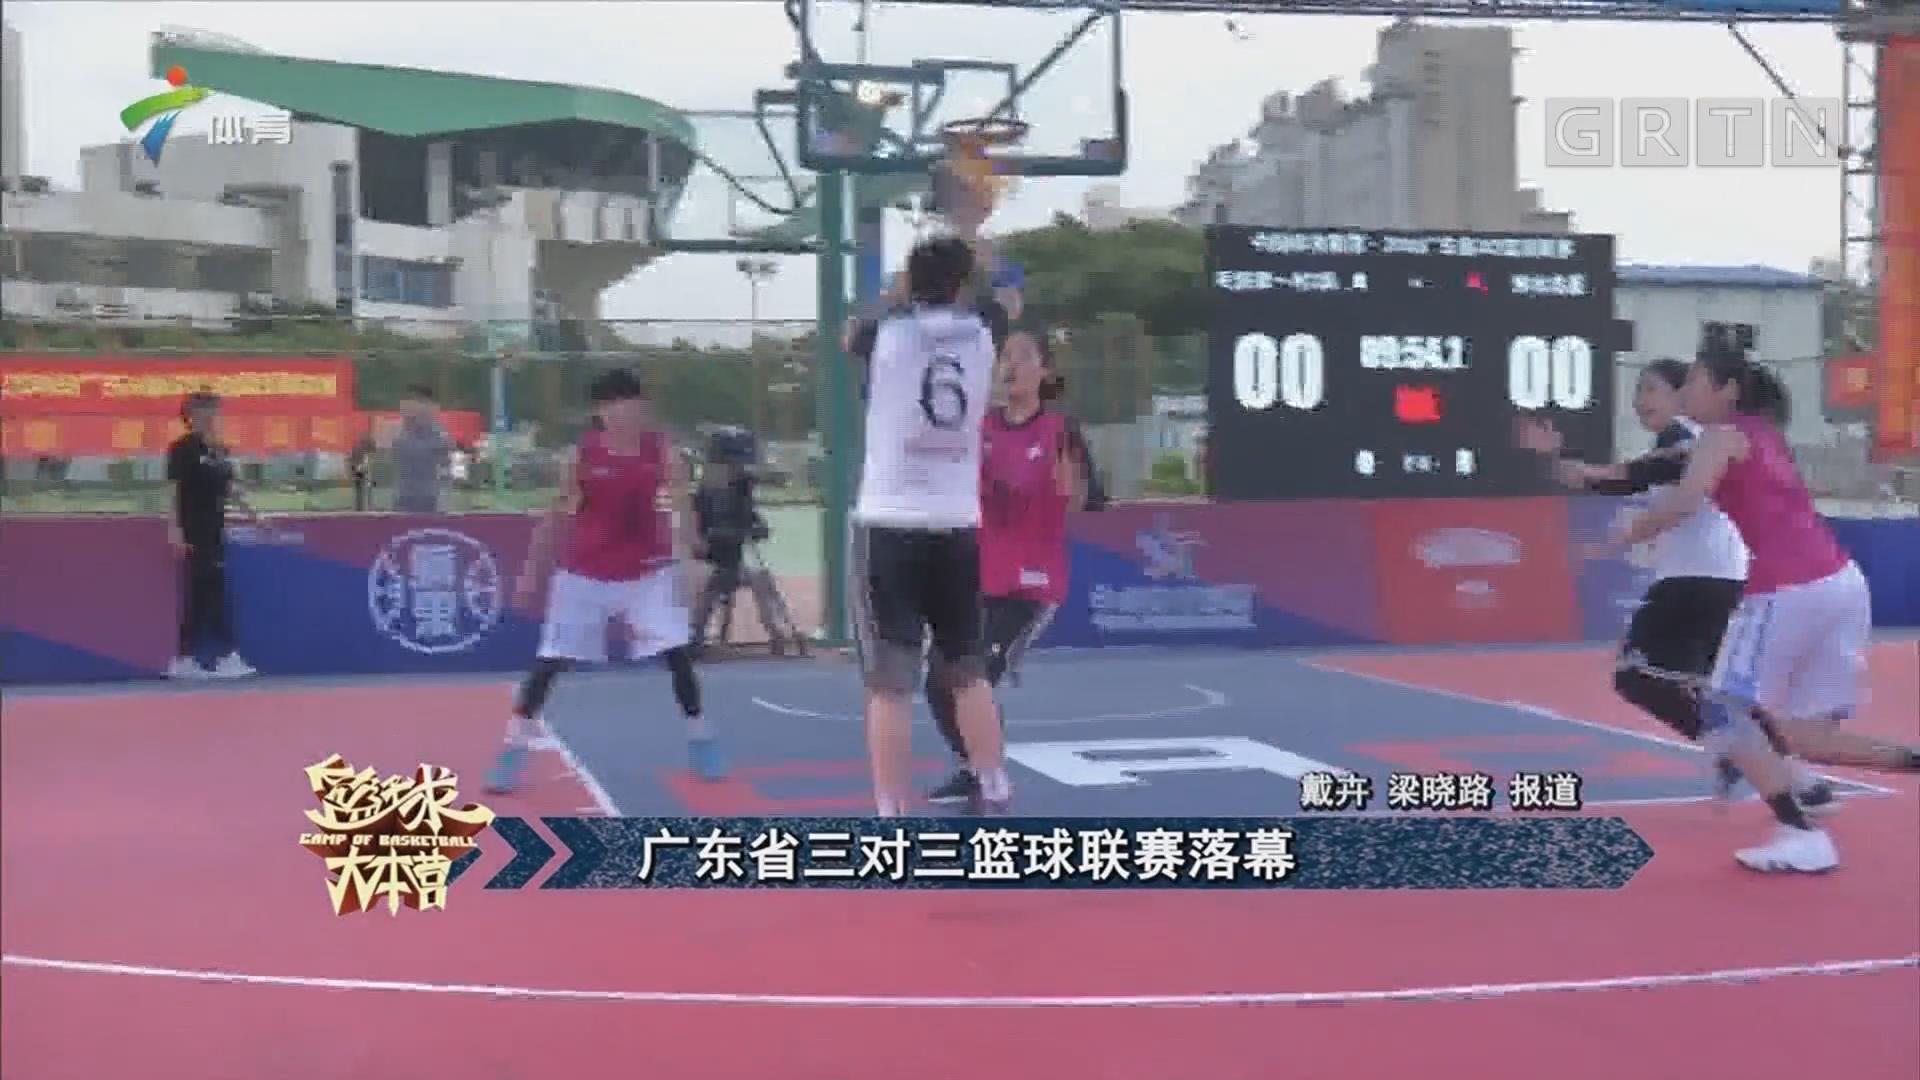 广东省三对三篮球联赛落幕